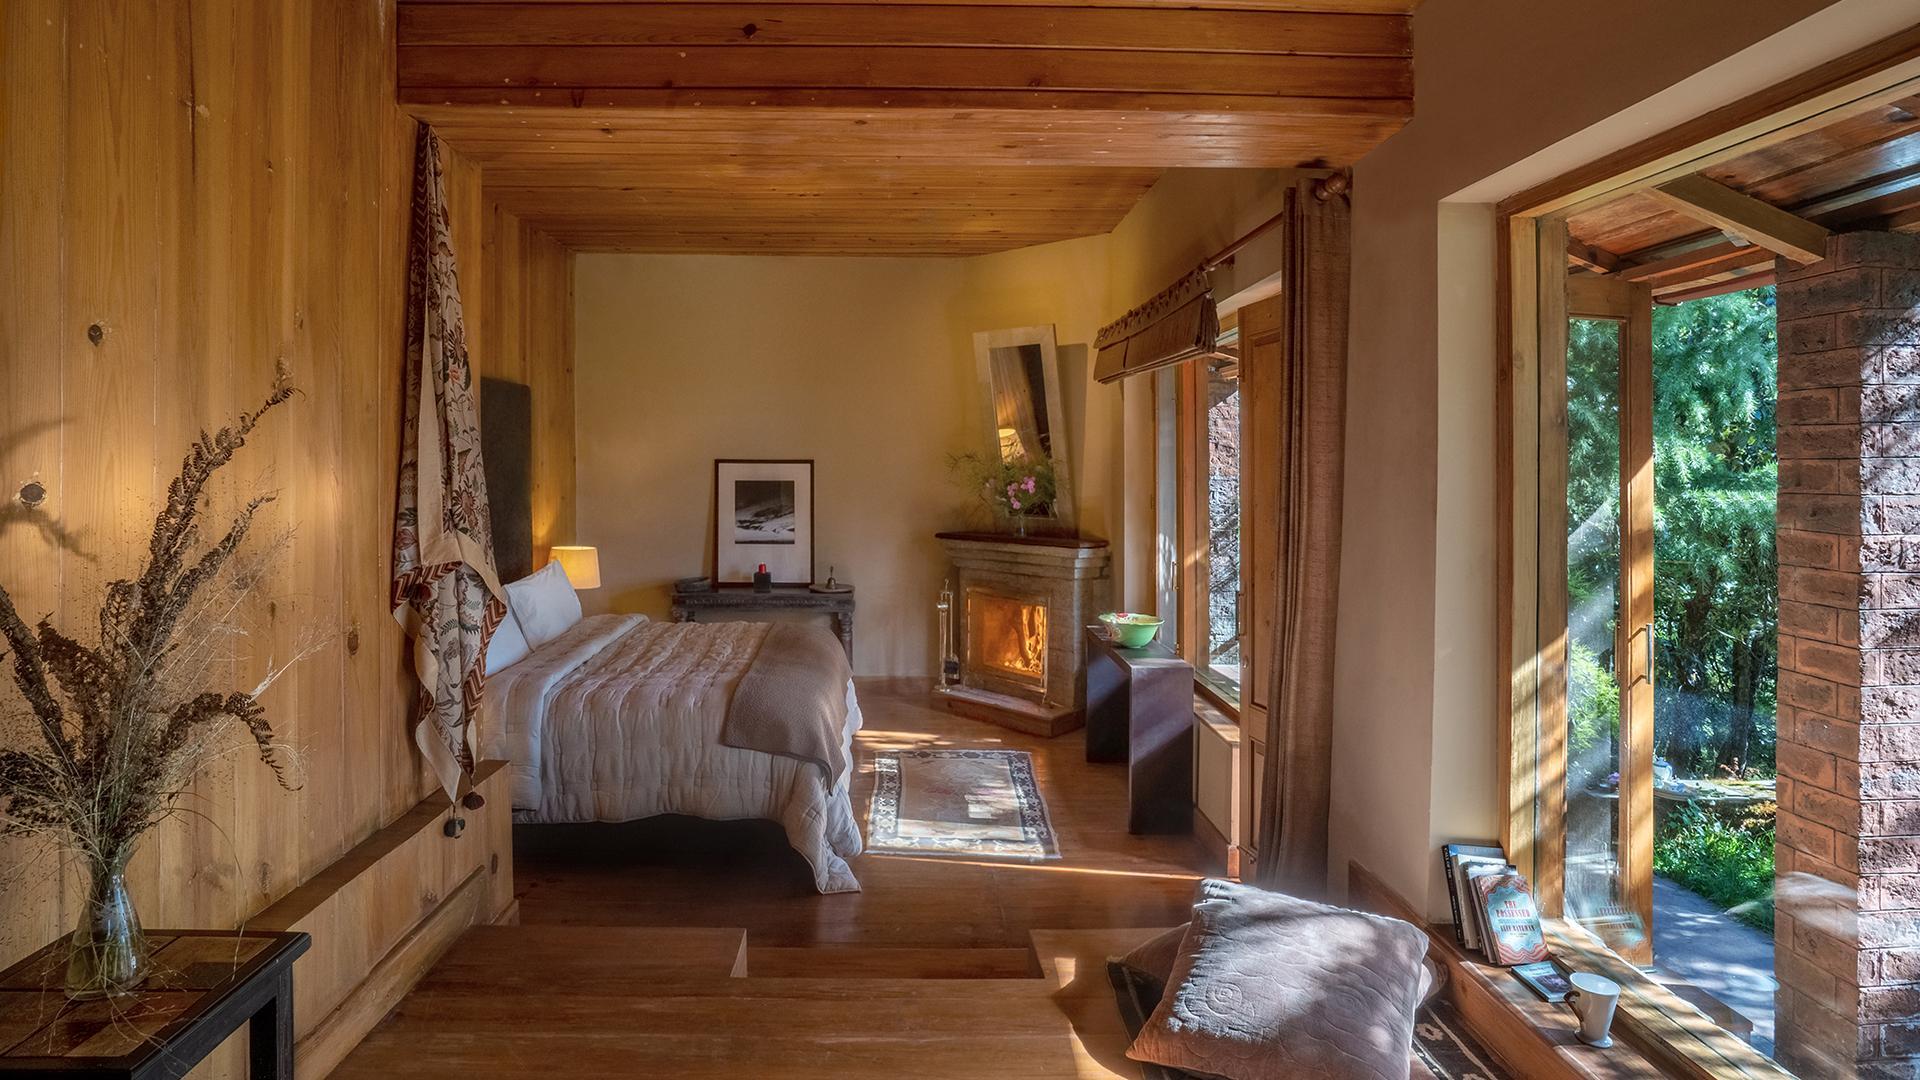 Lodge image 1 at Mary Budden Estate by Almora, Uttarakhand, India